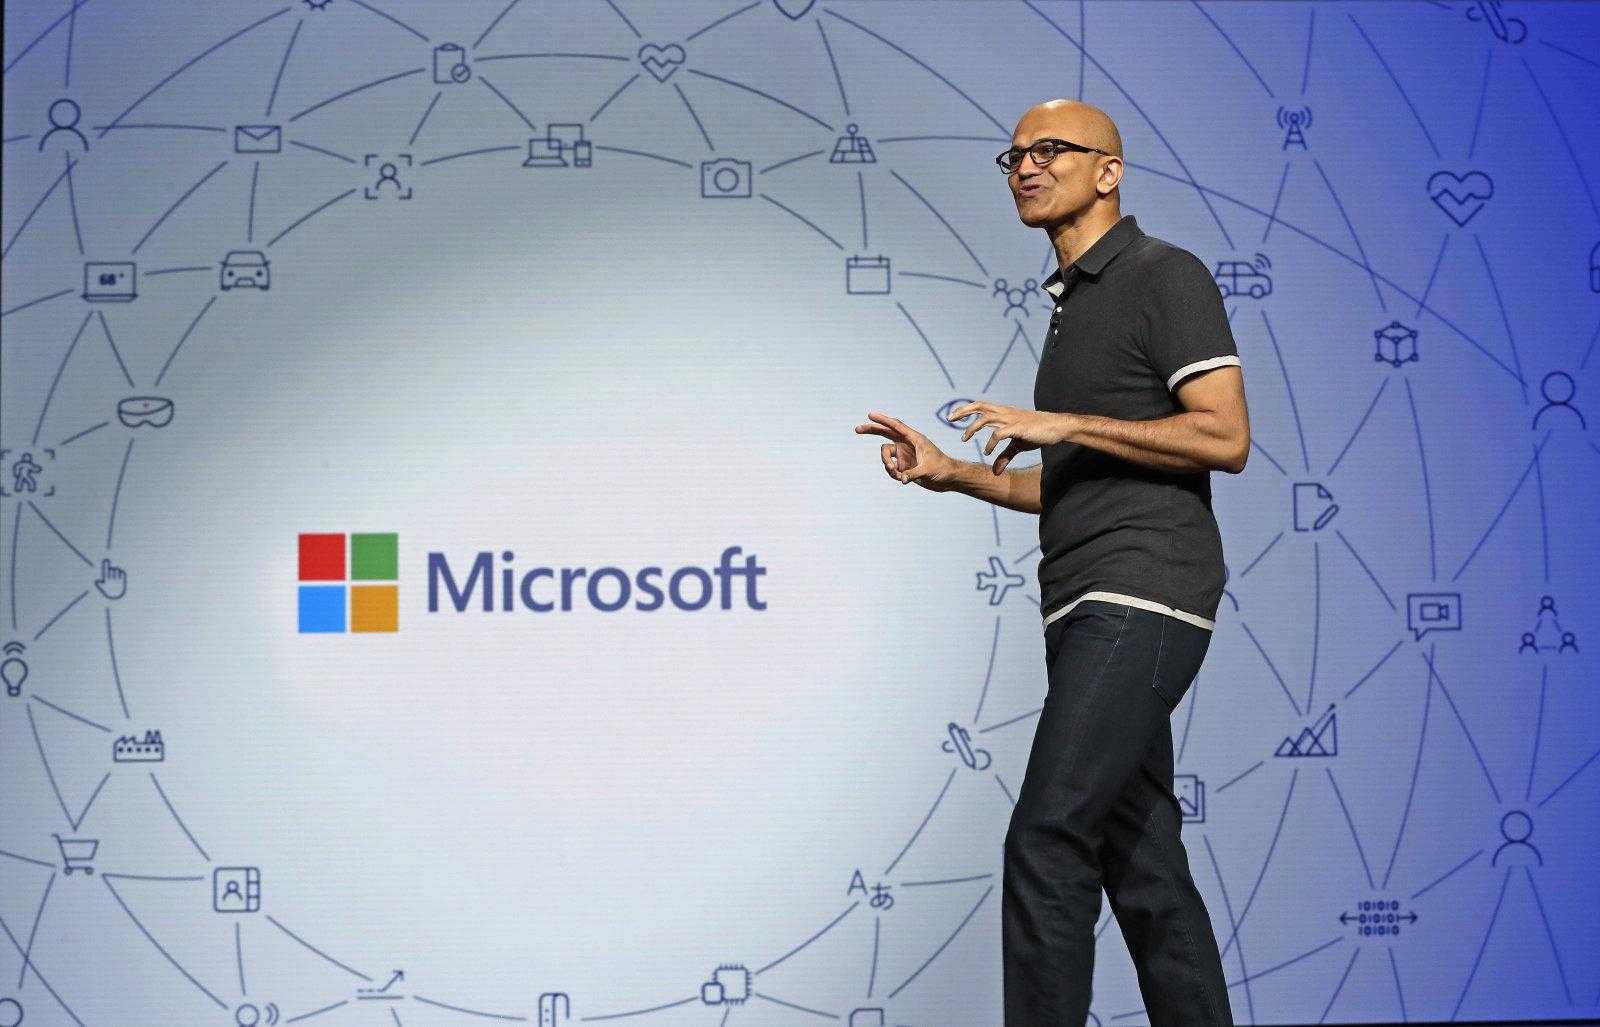 Сатья Наделла, генеральный директор Microsoft, рассказал о большом обновлении Windows (dims)